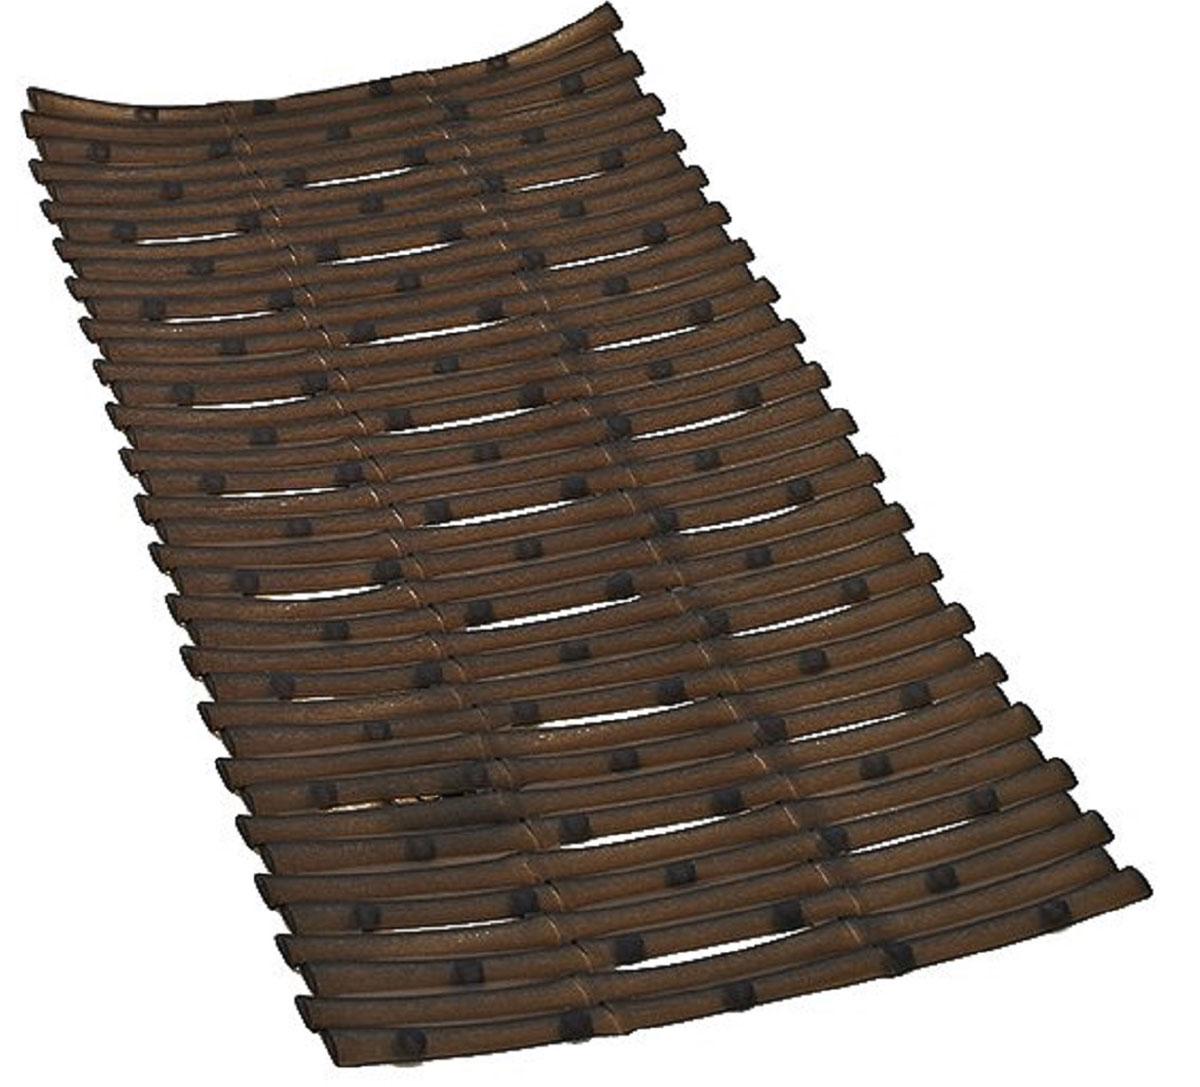 Коврик для ванной Ridder Bambus, противоскользящий, цвет: коричневый, 40 х 81 см61808Высококачественные немецкие коврики Bambus созданы для вашего удобства. Состав и свойства противоскользящих ковриков: ПВХ с защитой от плесени и грибка, Имеются присоски для крепления. Безопасность изделия соответствует стандартам LGA (Германия).